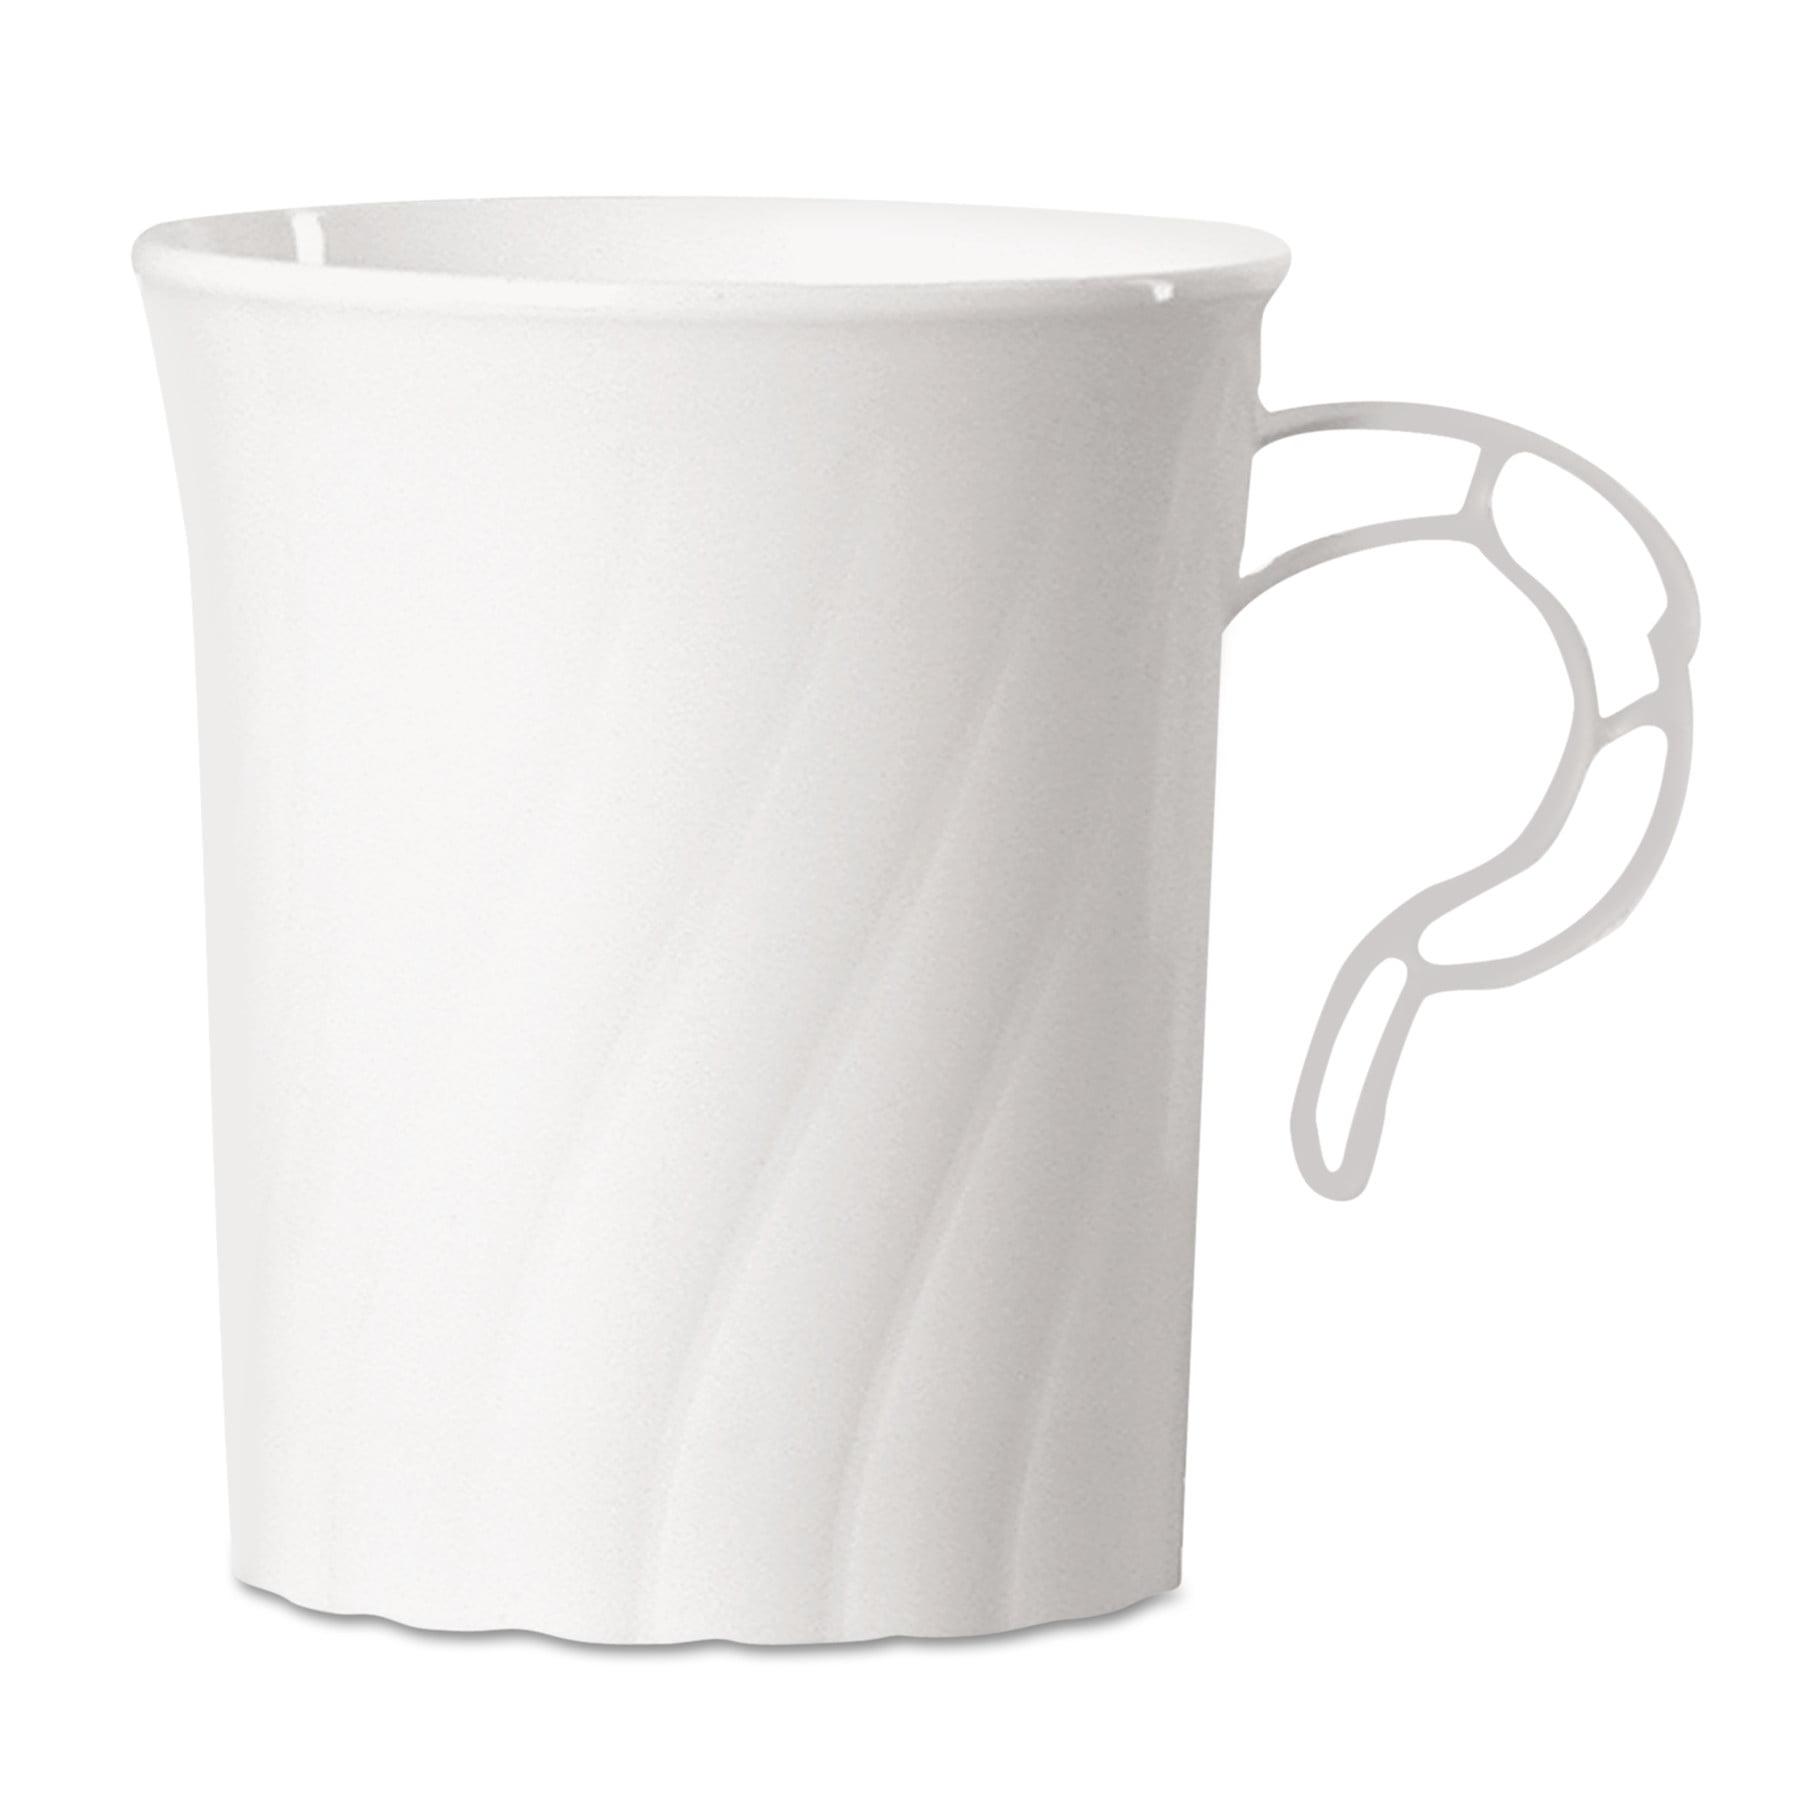 WNA Classicware 8 oz. Plastic Mugs, White, 192 count by WNA, INC.